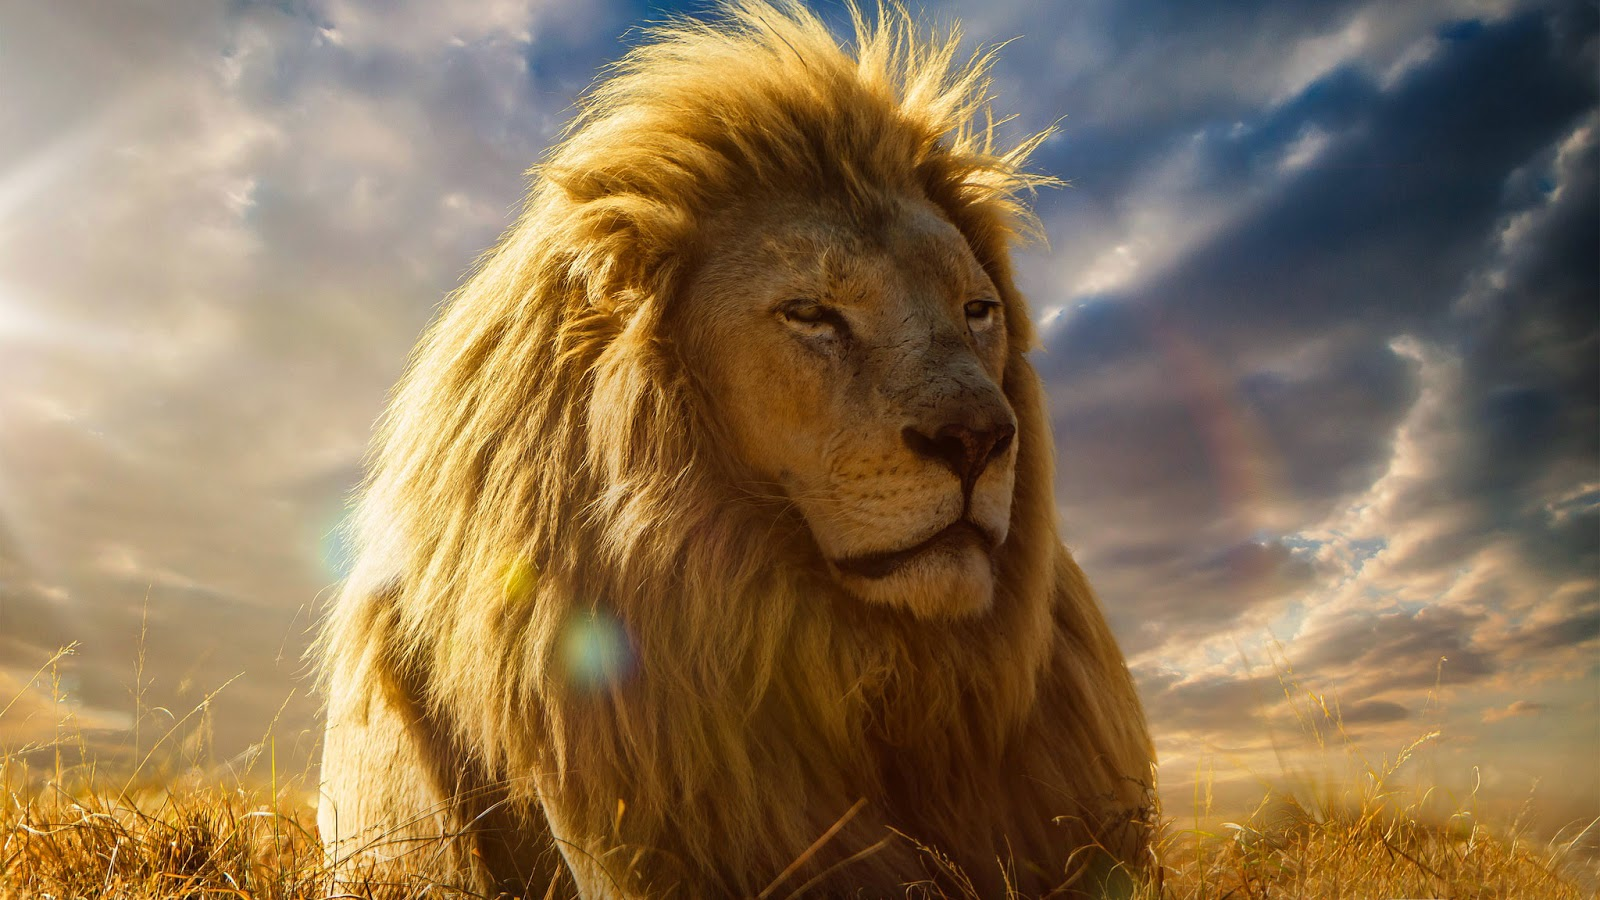 Papel de parede animal selvagem Rei Leão da África